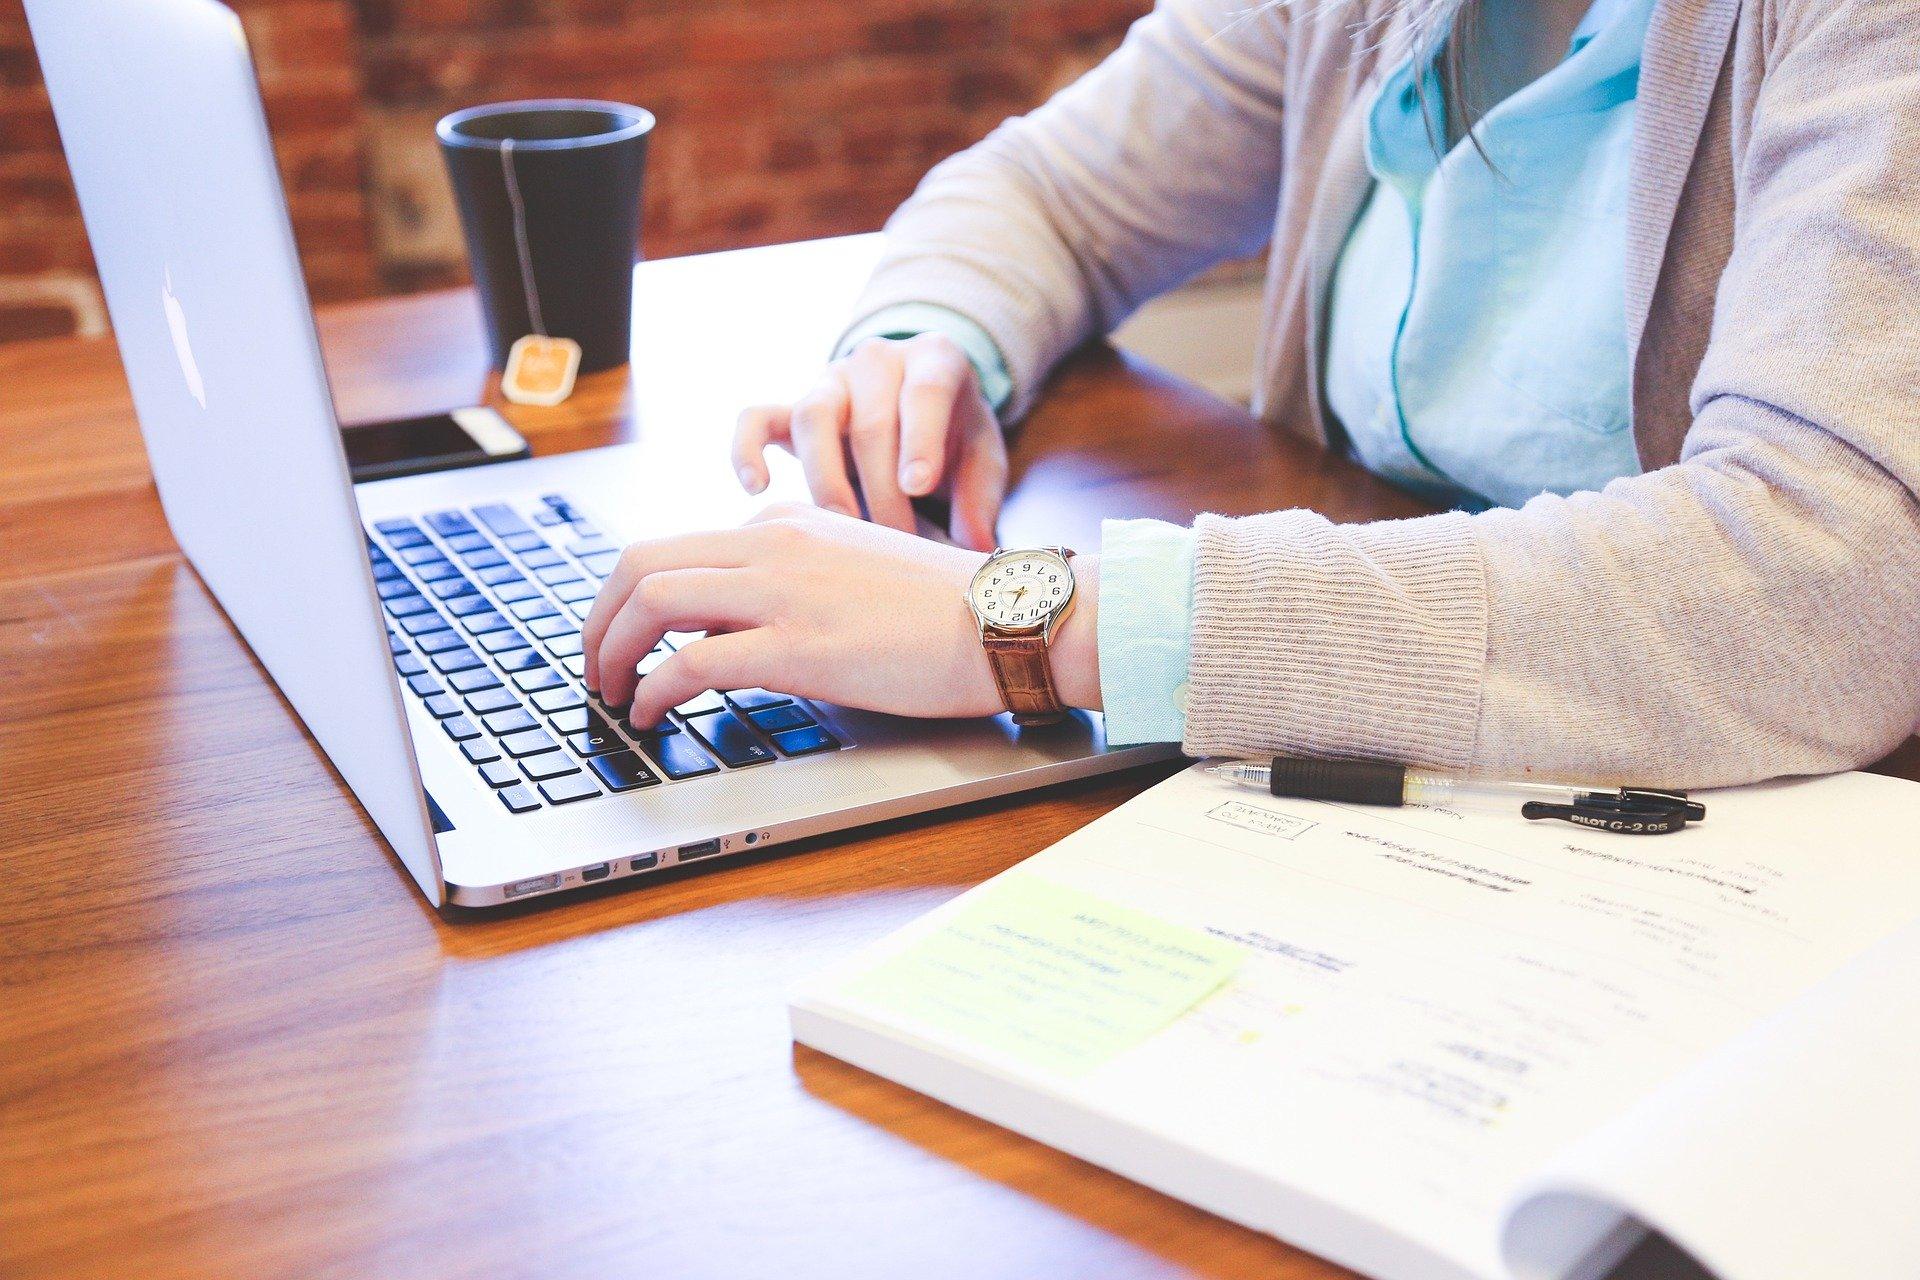 大学生がブログを書くデメリット